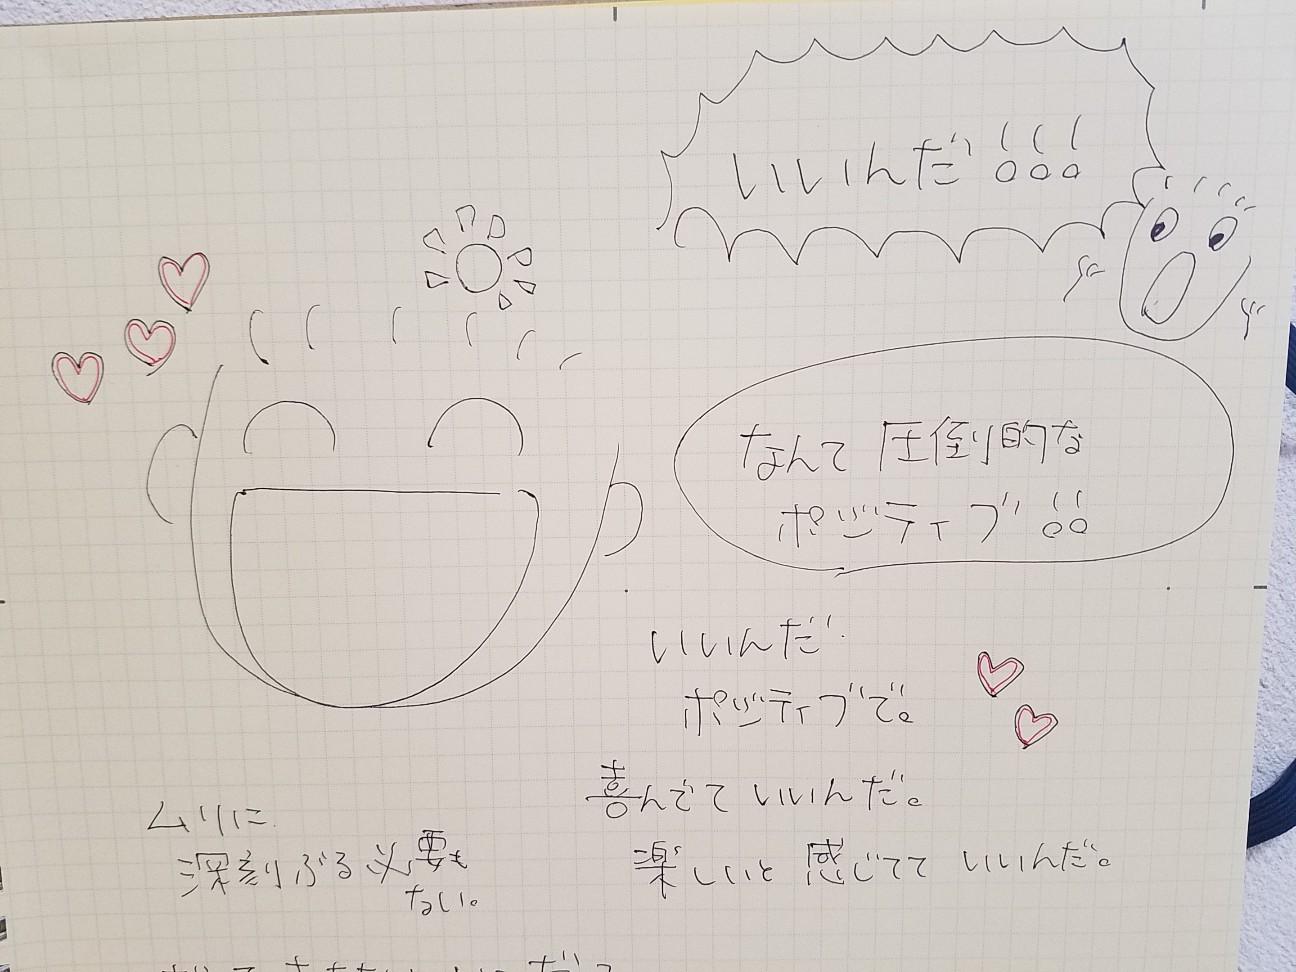 f:id:takasemariko:20210620083857j:image